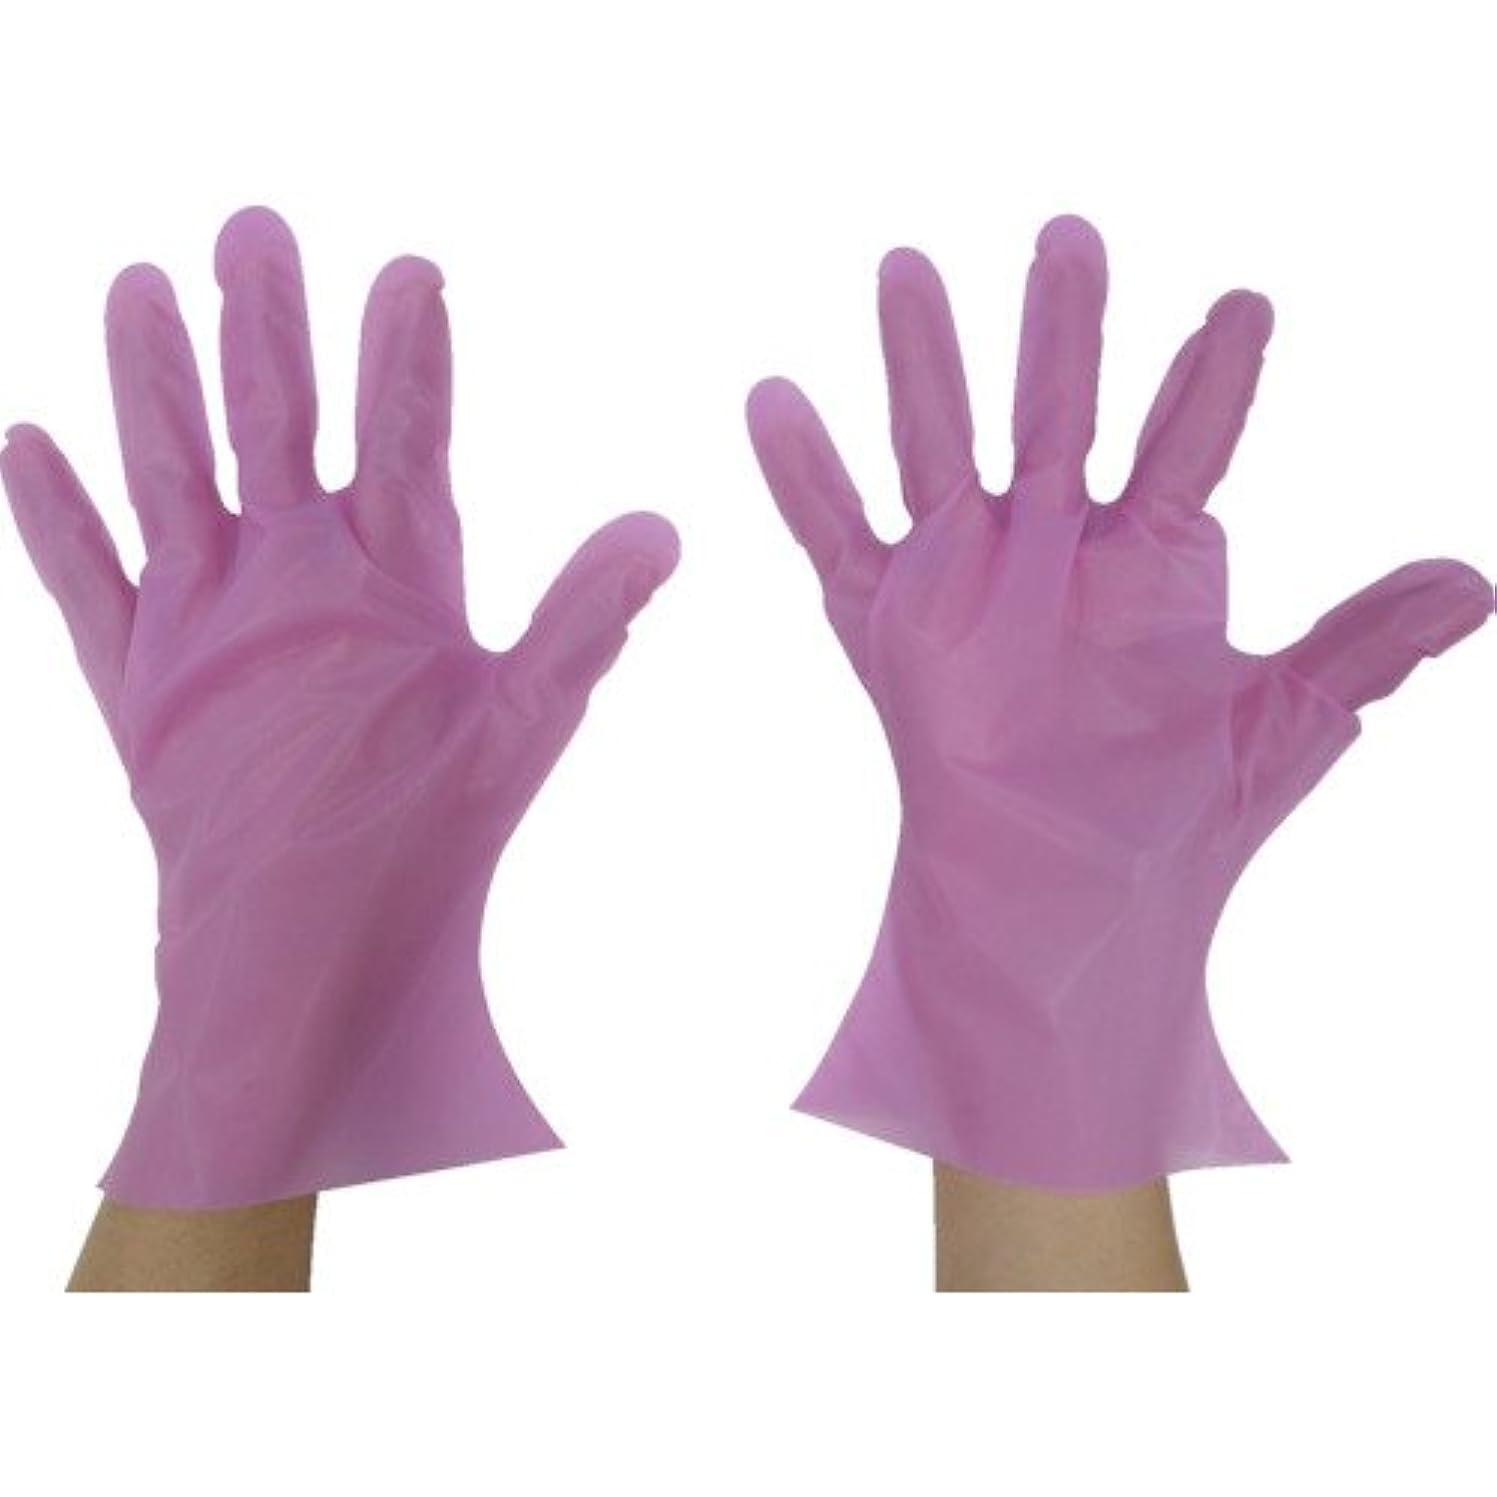 パイント贅沢な下手東京パック マイジャストグローブエコノミー化粧箱L ピンク(入数:200枚) PMJEK-L